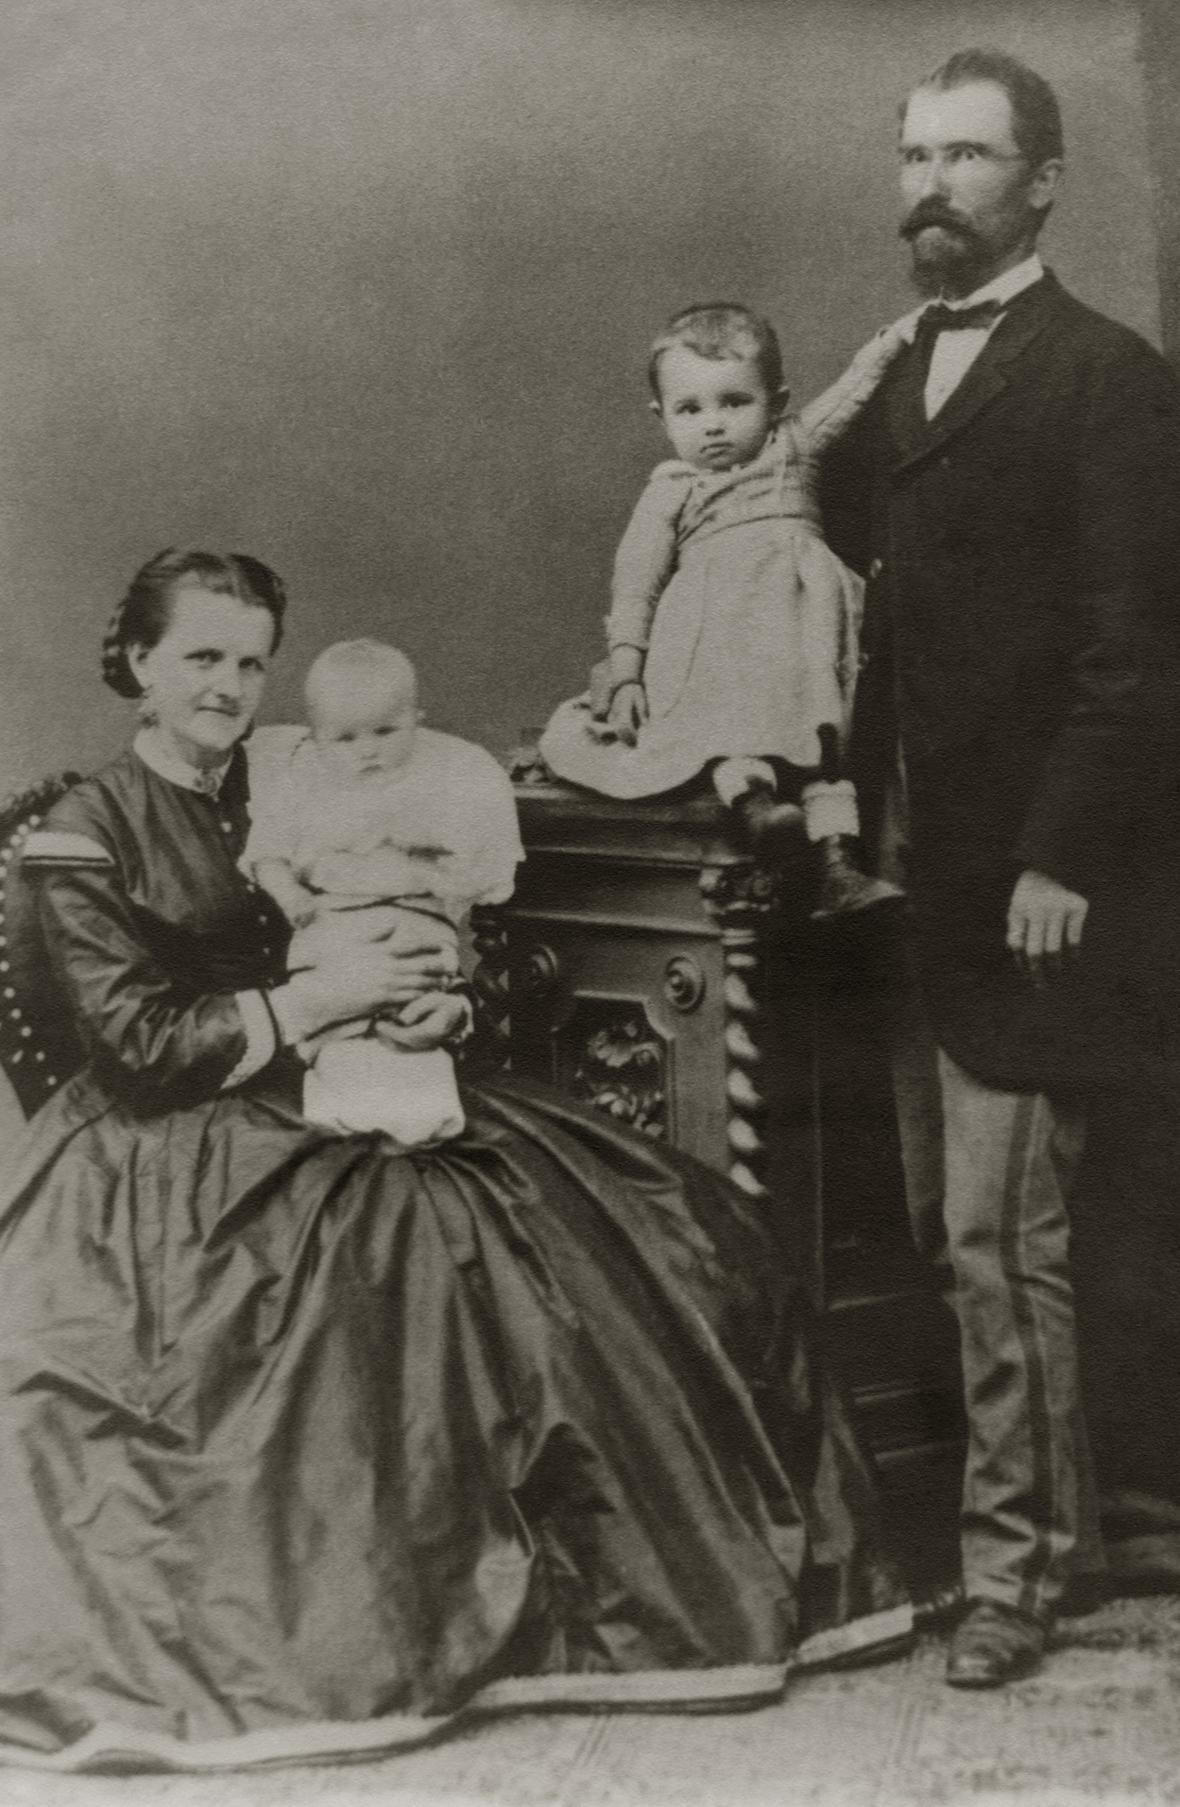 Rodina Vaškova